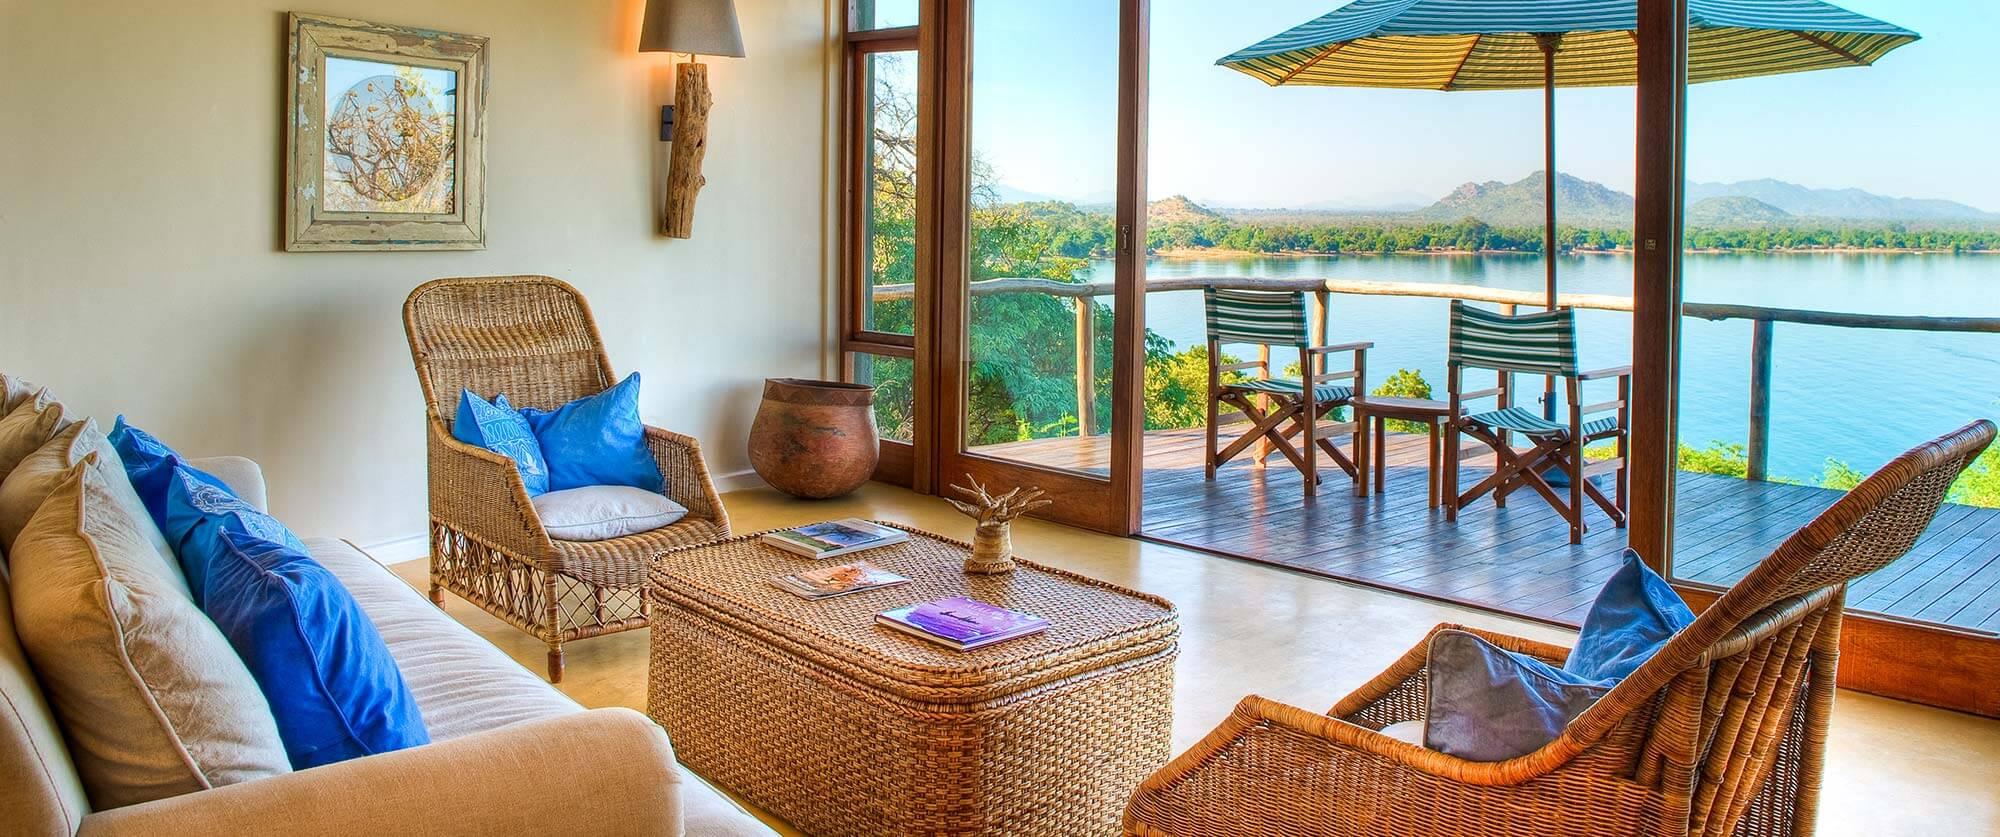 Pumulani Beach Lodge Views of Lake Malawi - Wildlife Safari and Beach: Zambia and Lake Malawi Luxury Tour